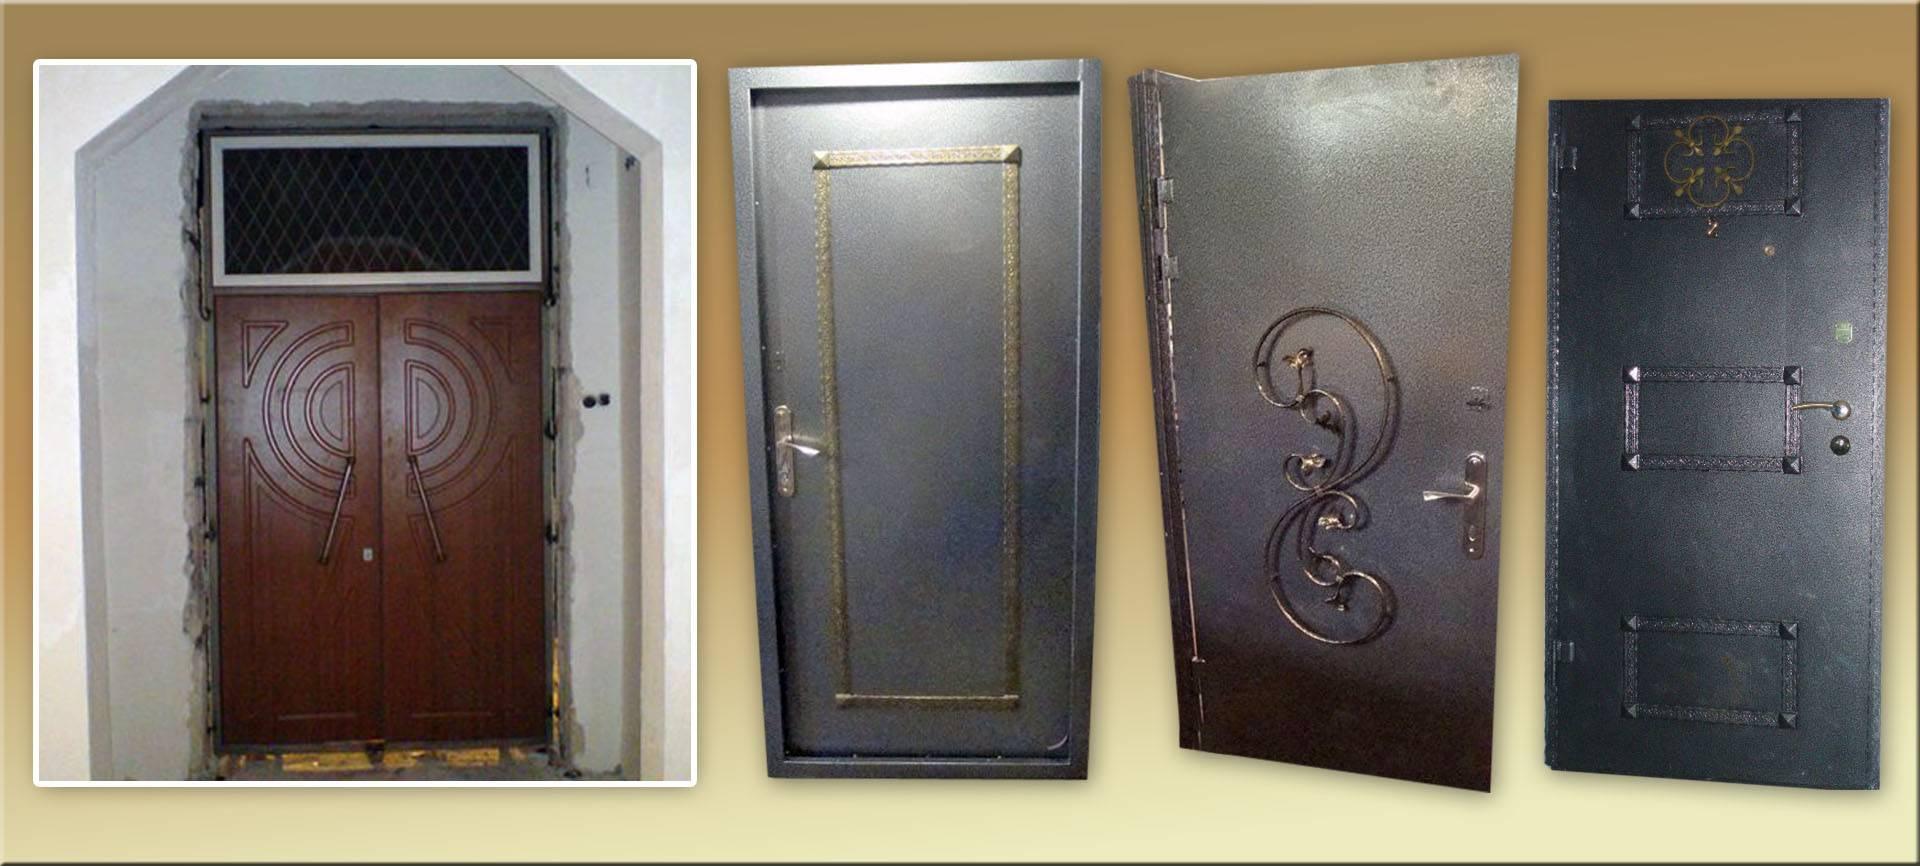 Межкомнатные откатные двери: особенности и правила монтажа